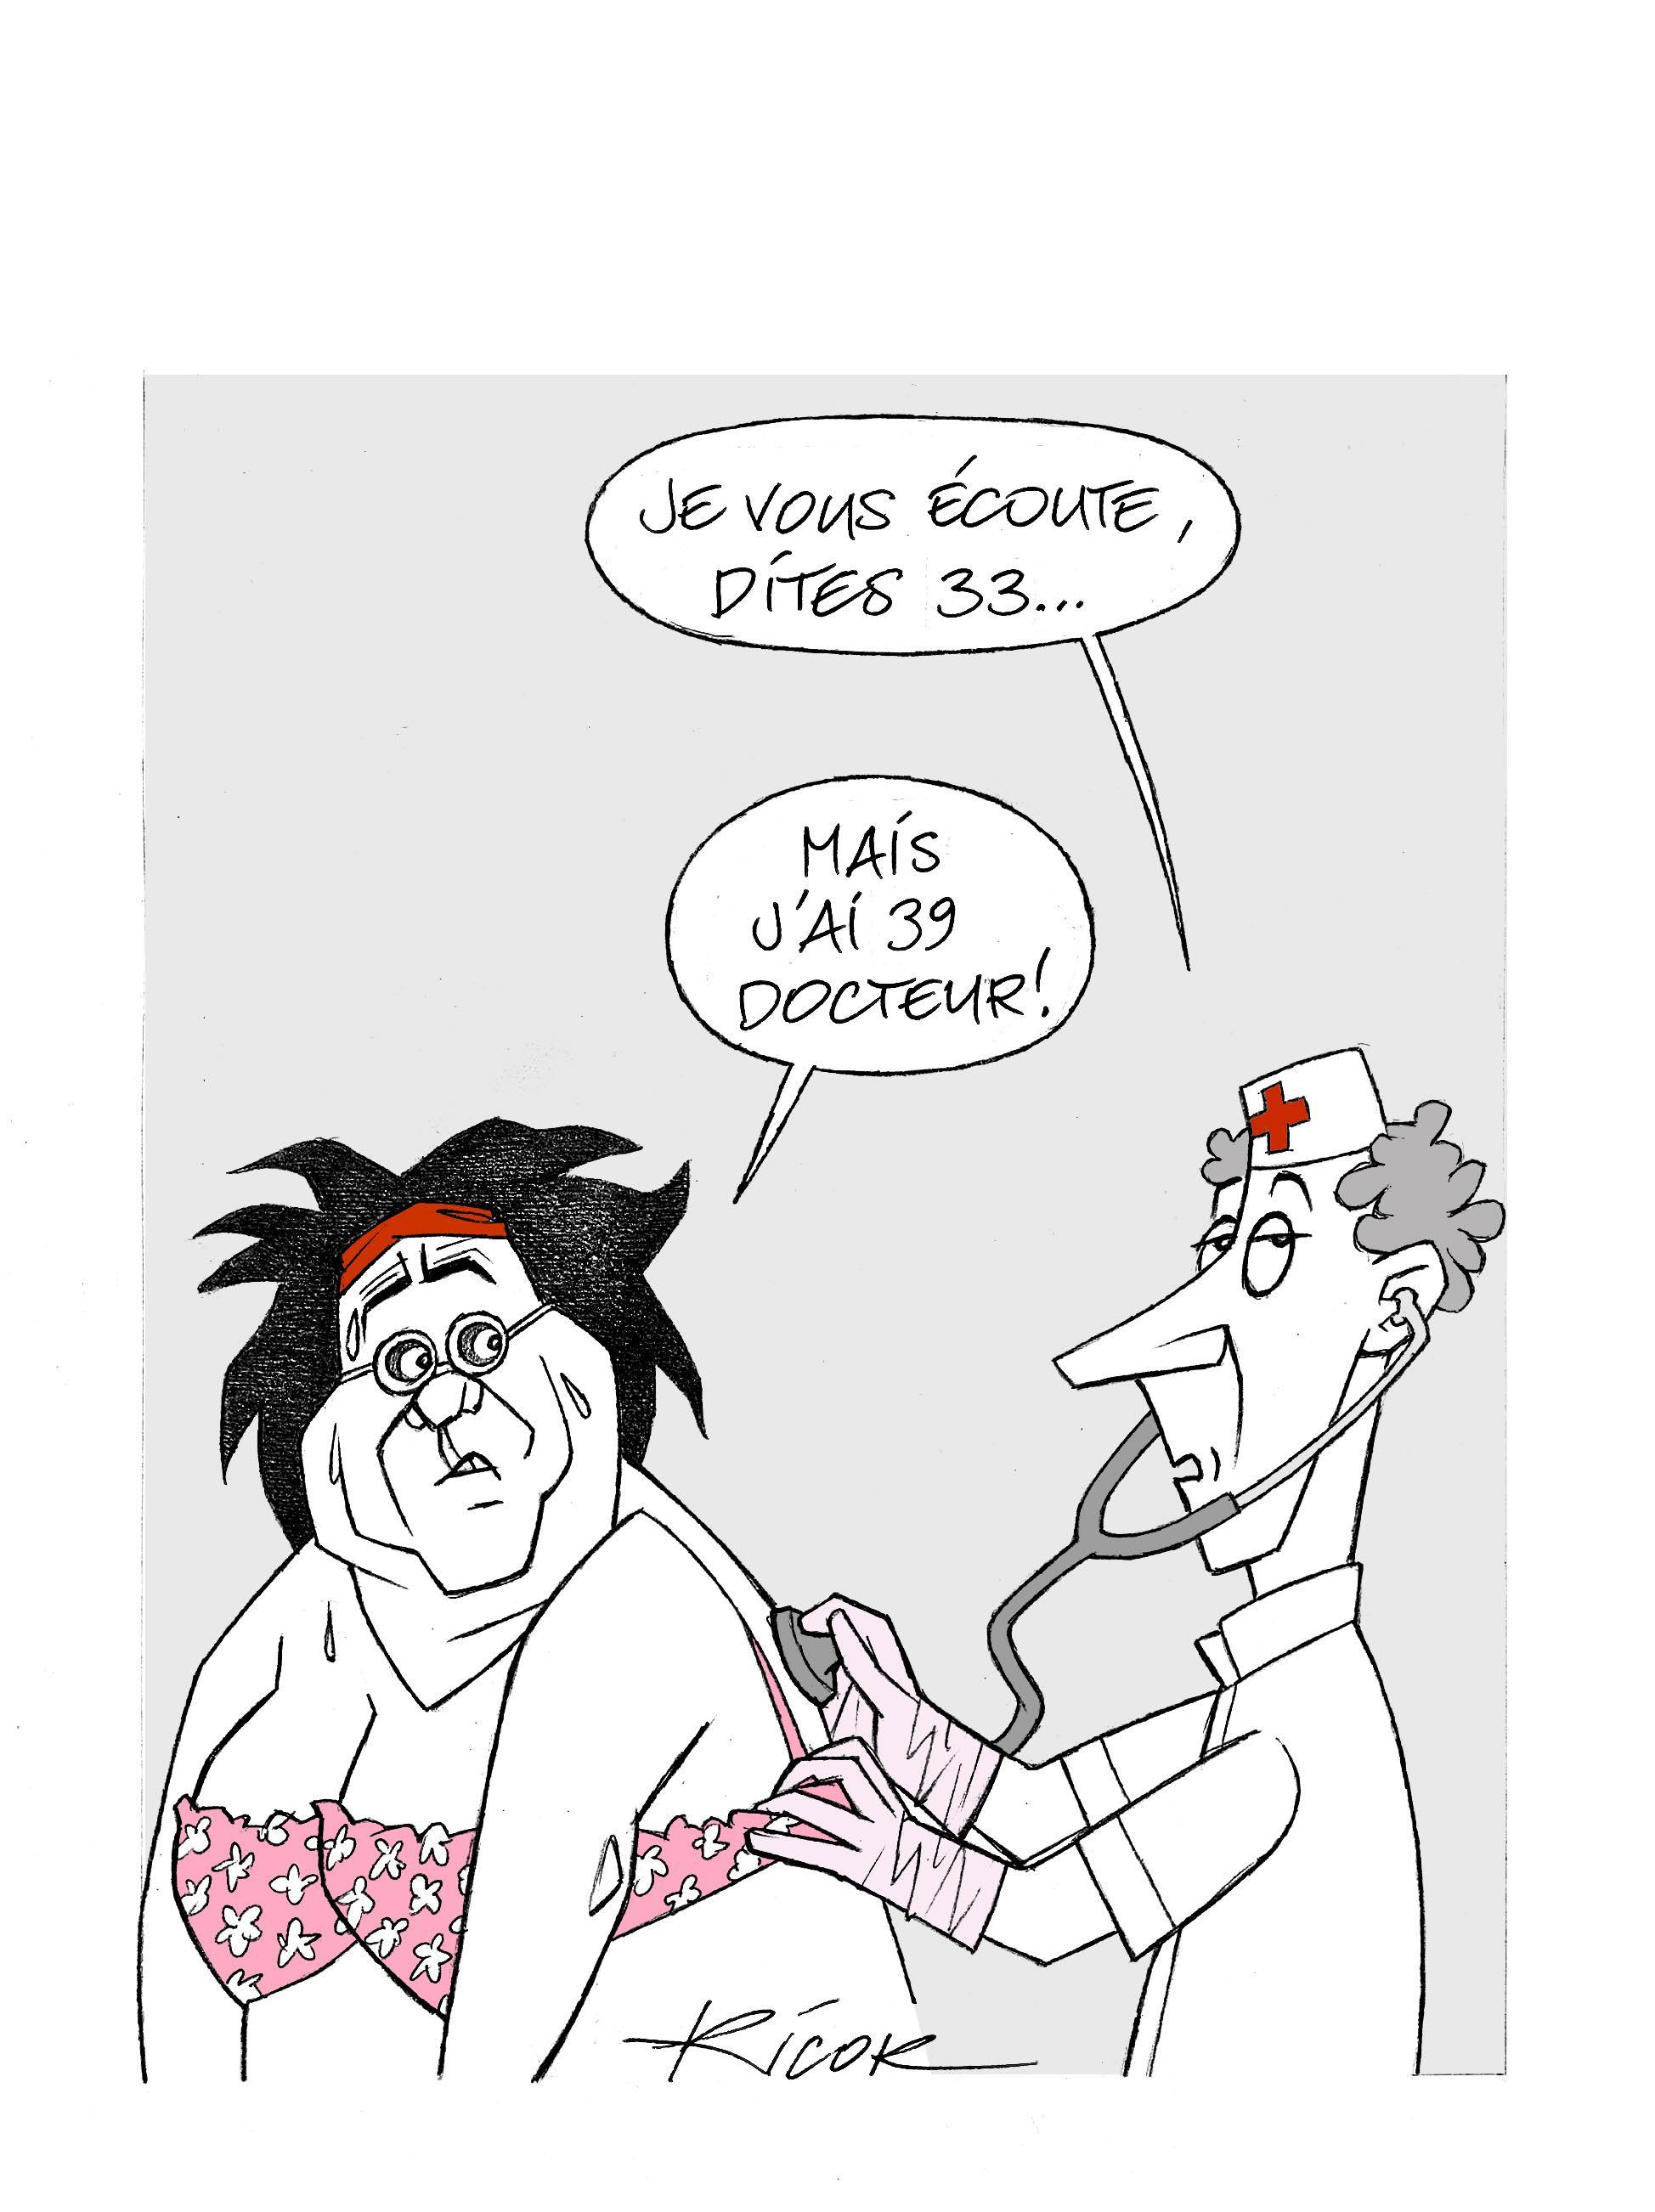 Un des dessins humoristiques